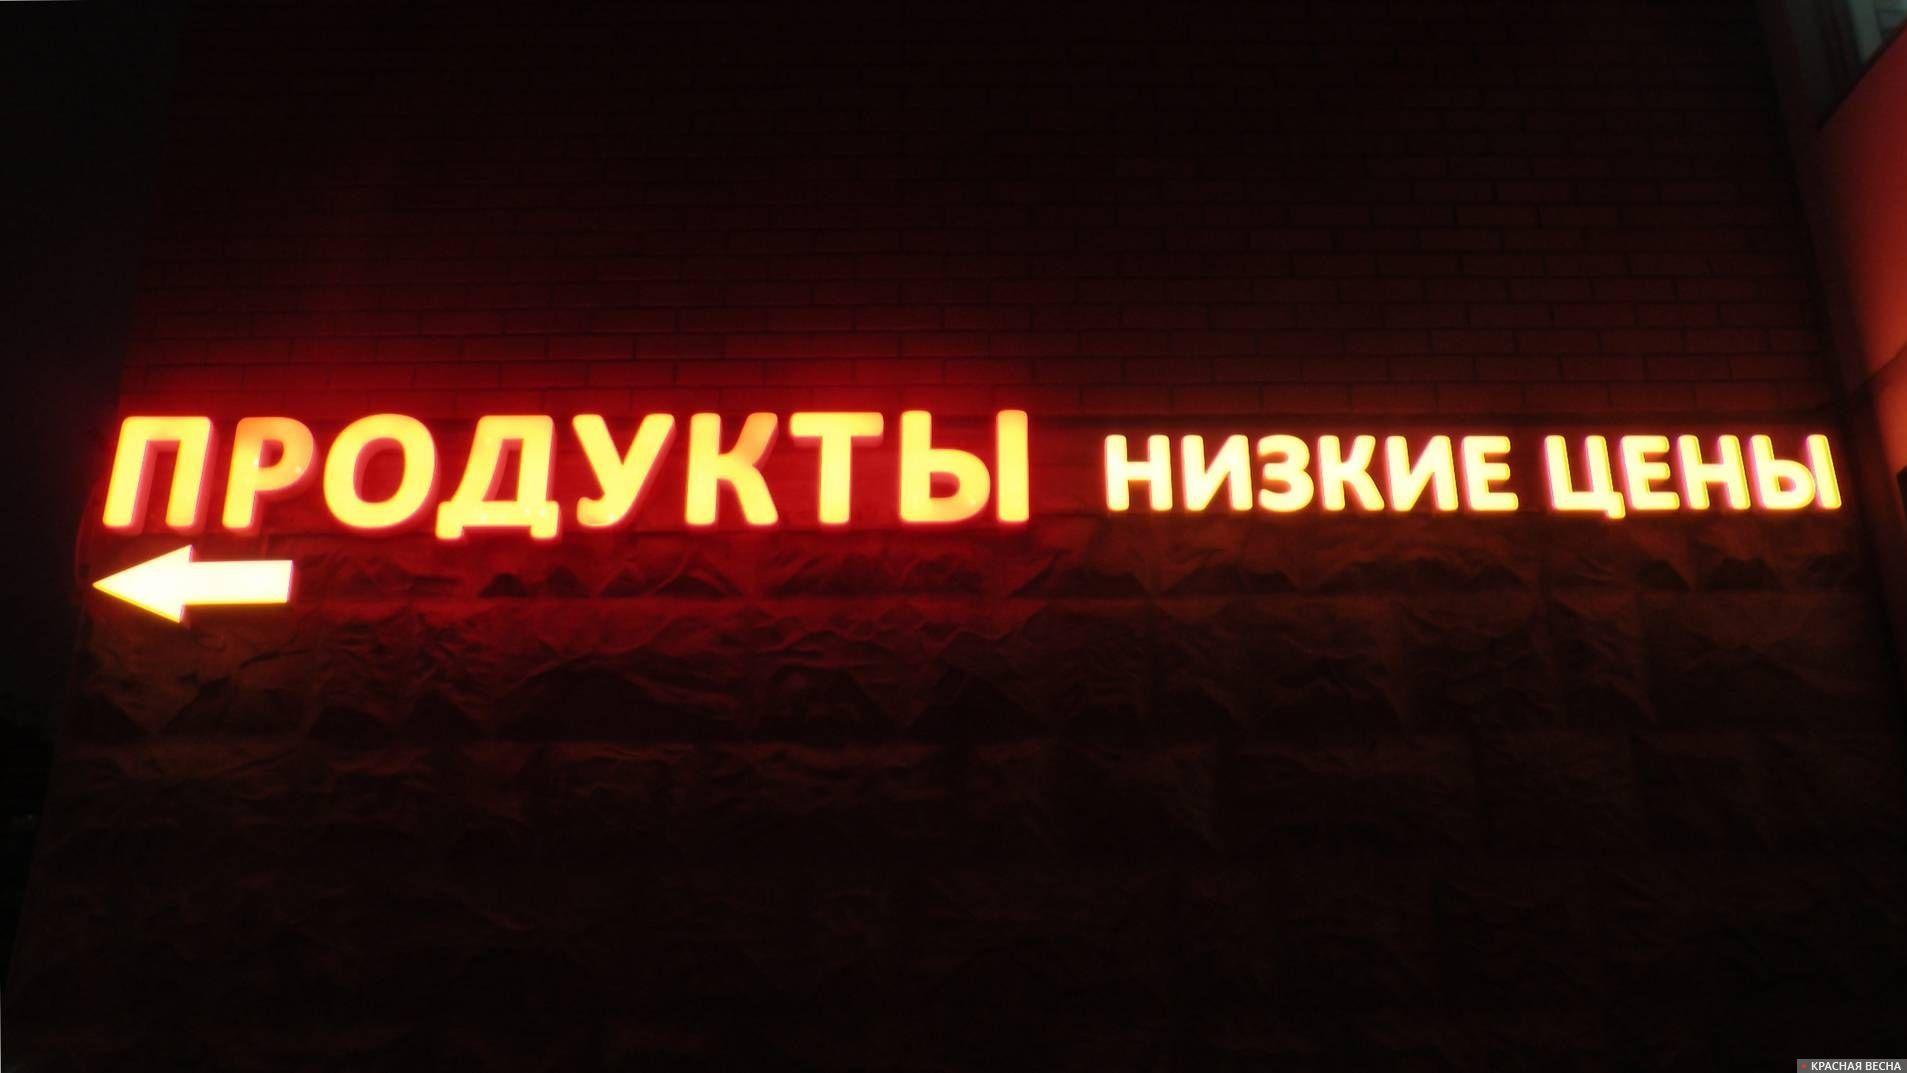 Продукты по низким ценам. Москва